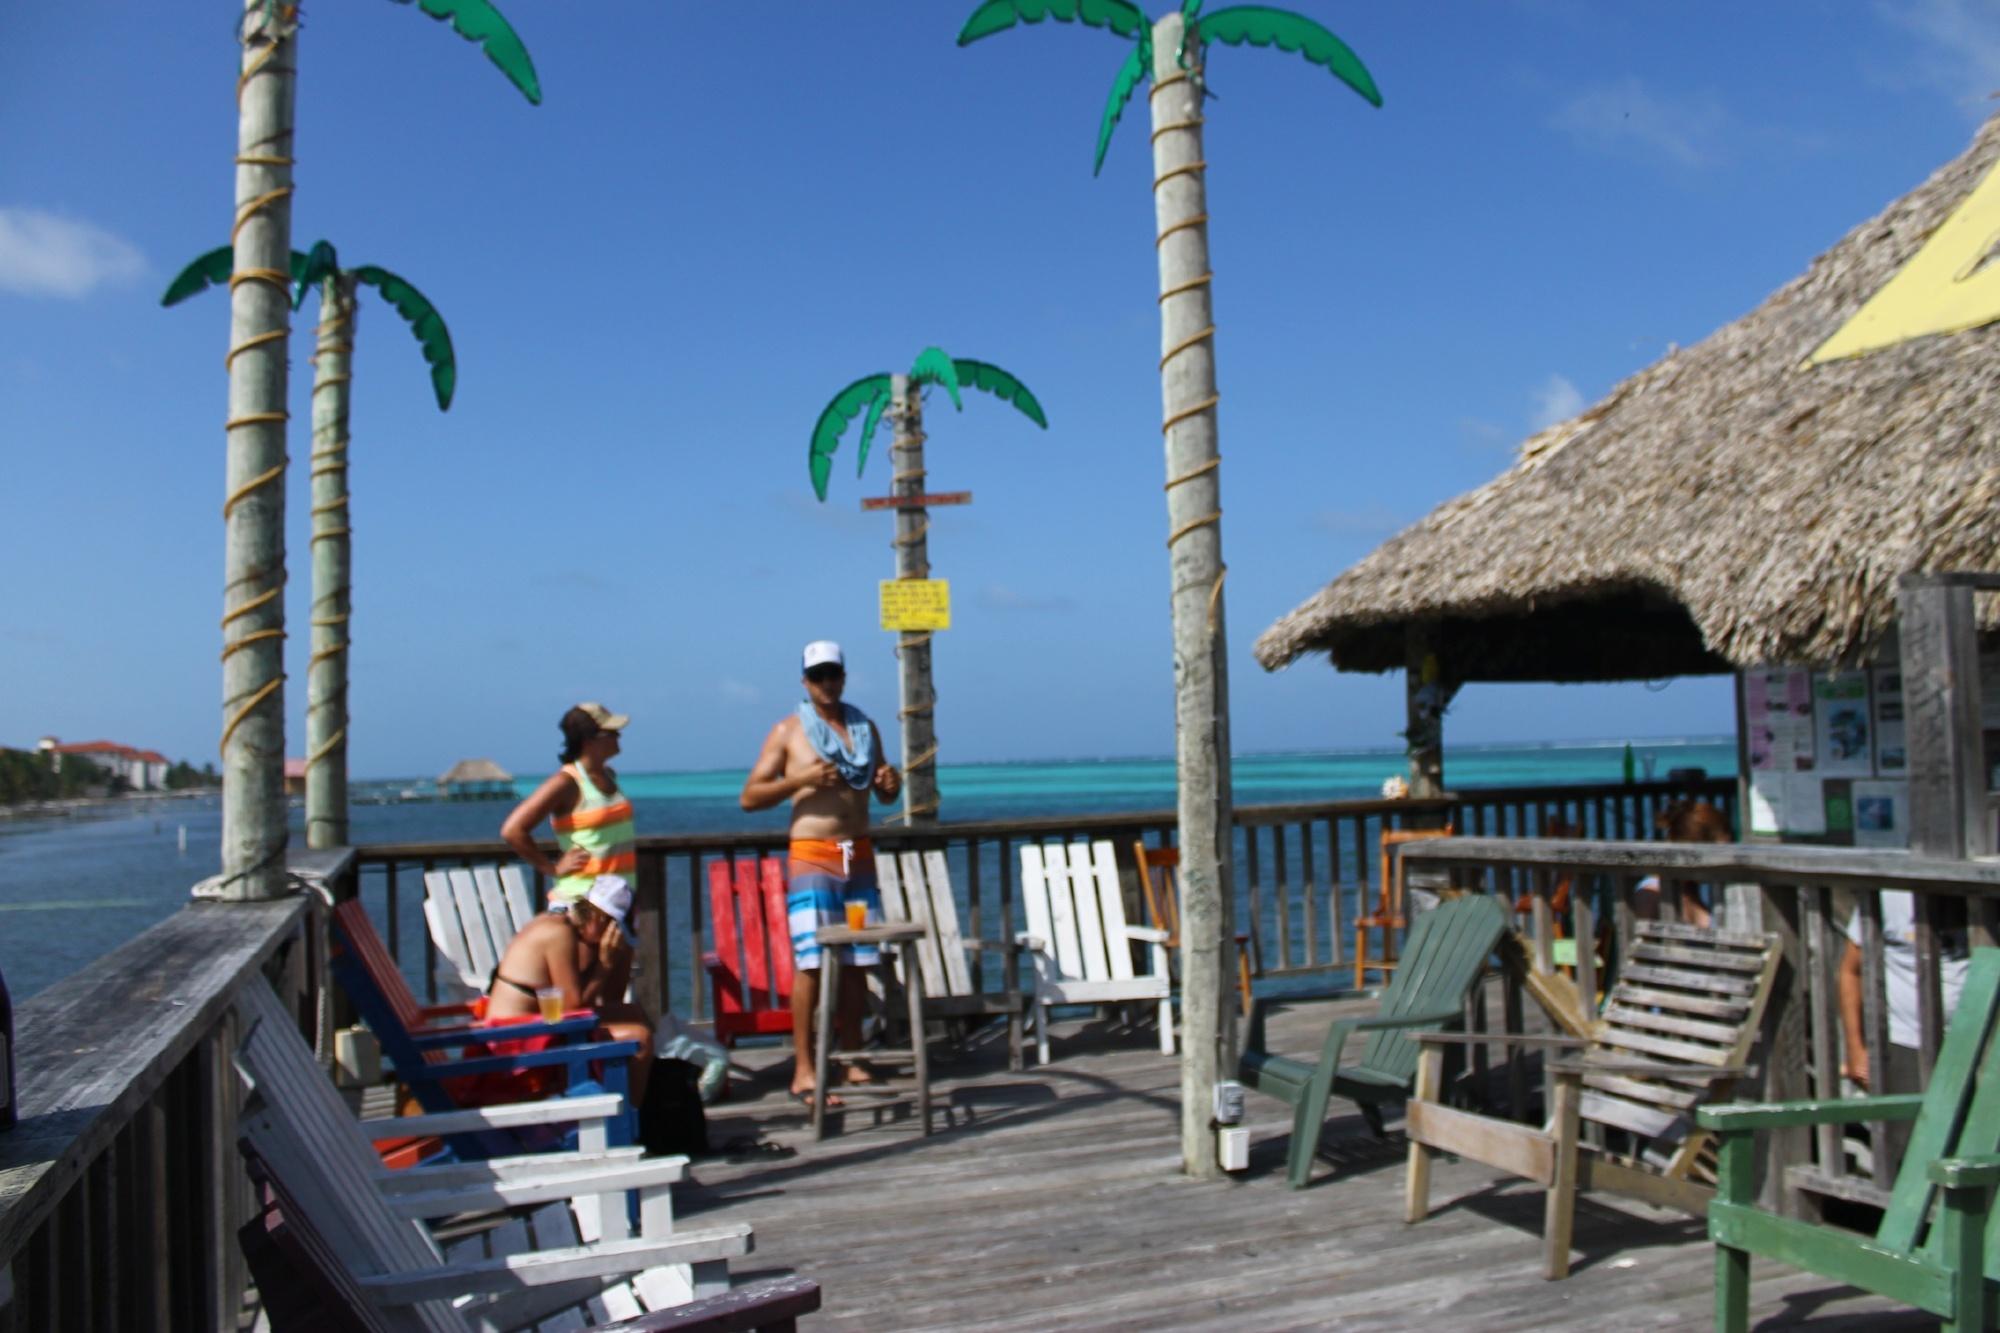 Enjoying Ambergris Caye